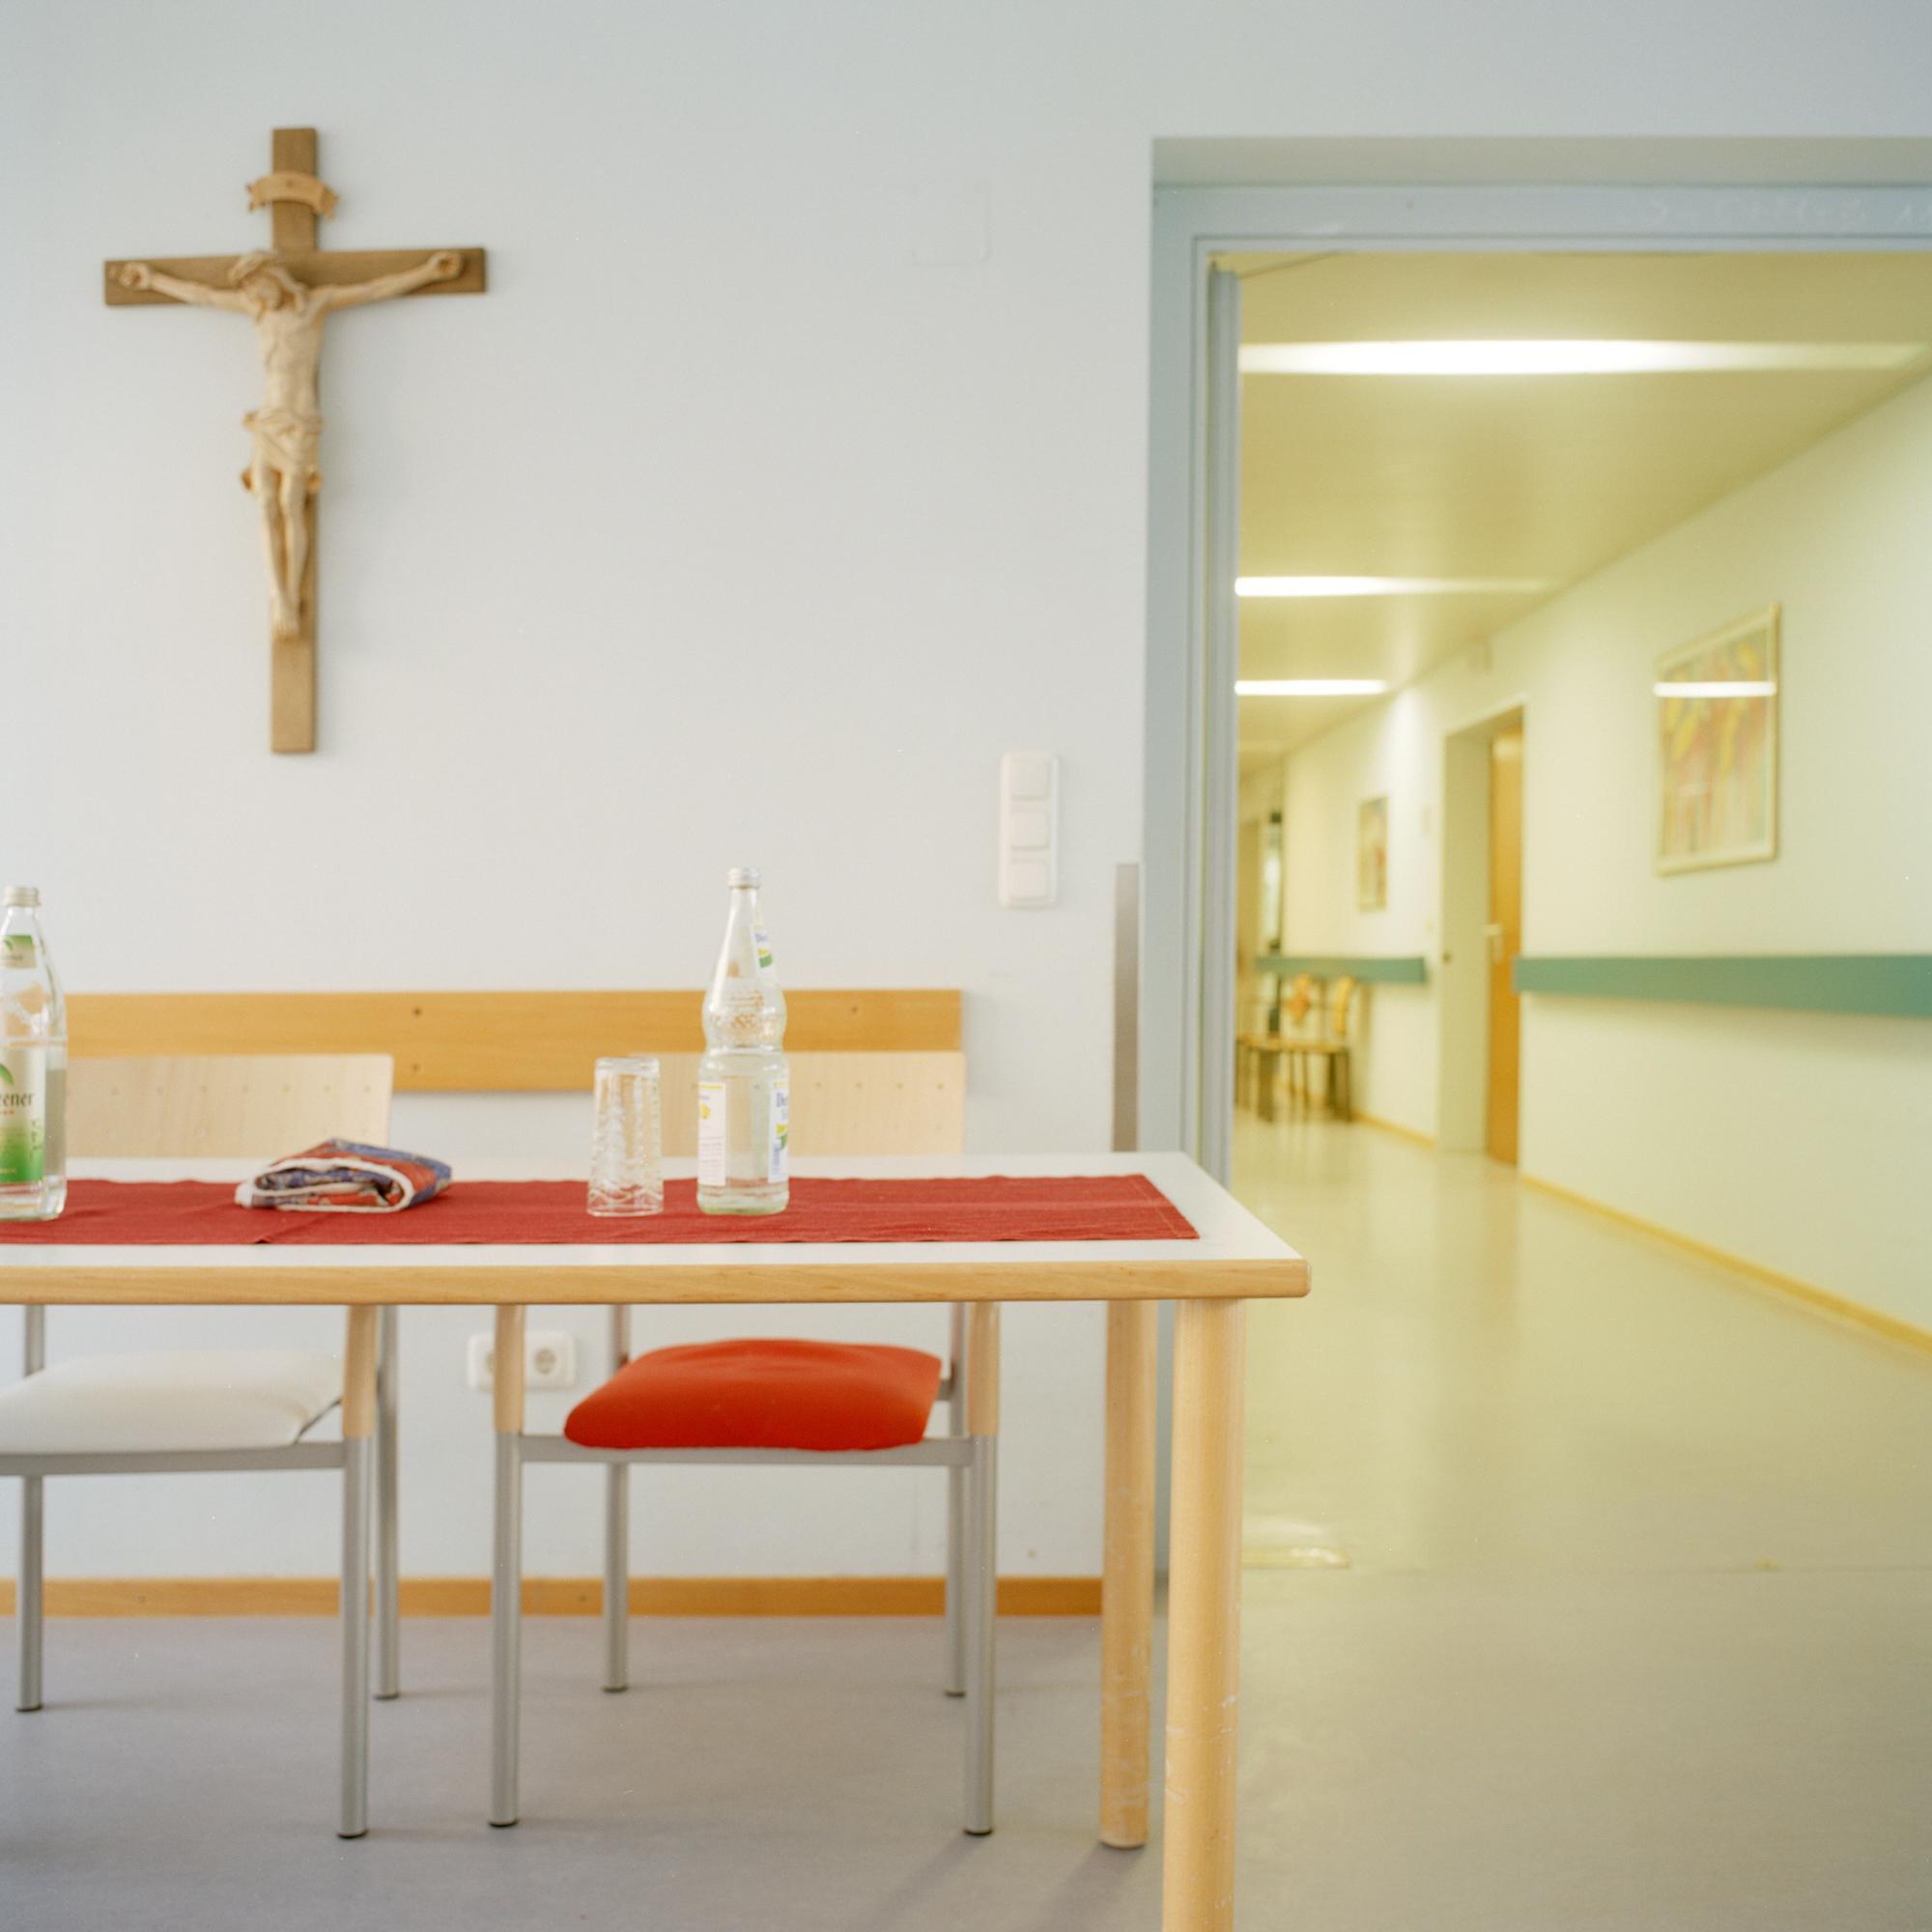 Marienstift, München. Ess- und Gemeinschaftsraum im Altenheim Marienstift Muenchen in der Klugstrasse 144, Muenchen am 17. Januar 2011. Fotograf Evi Lemberger